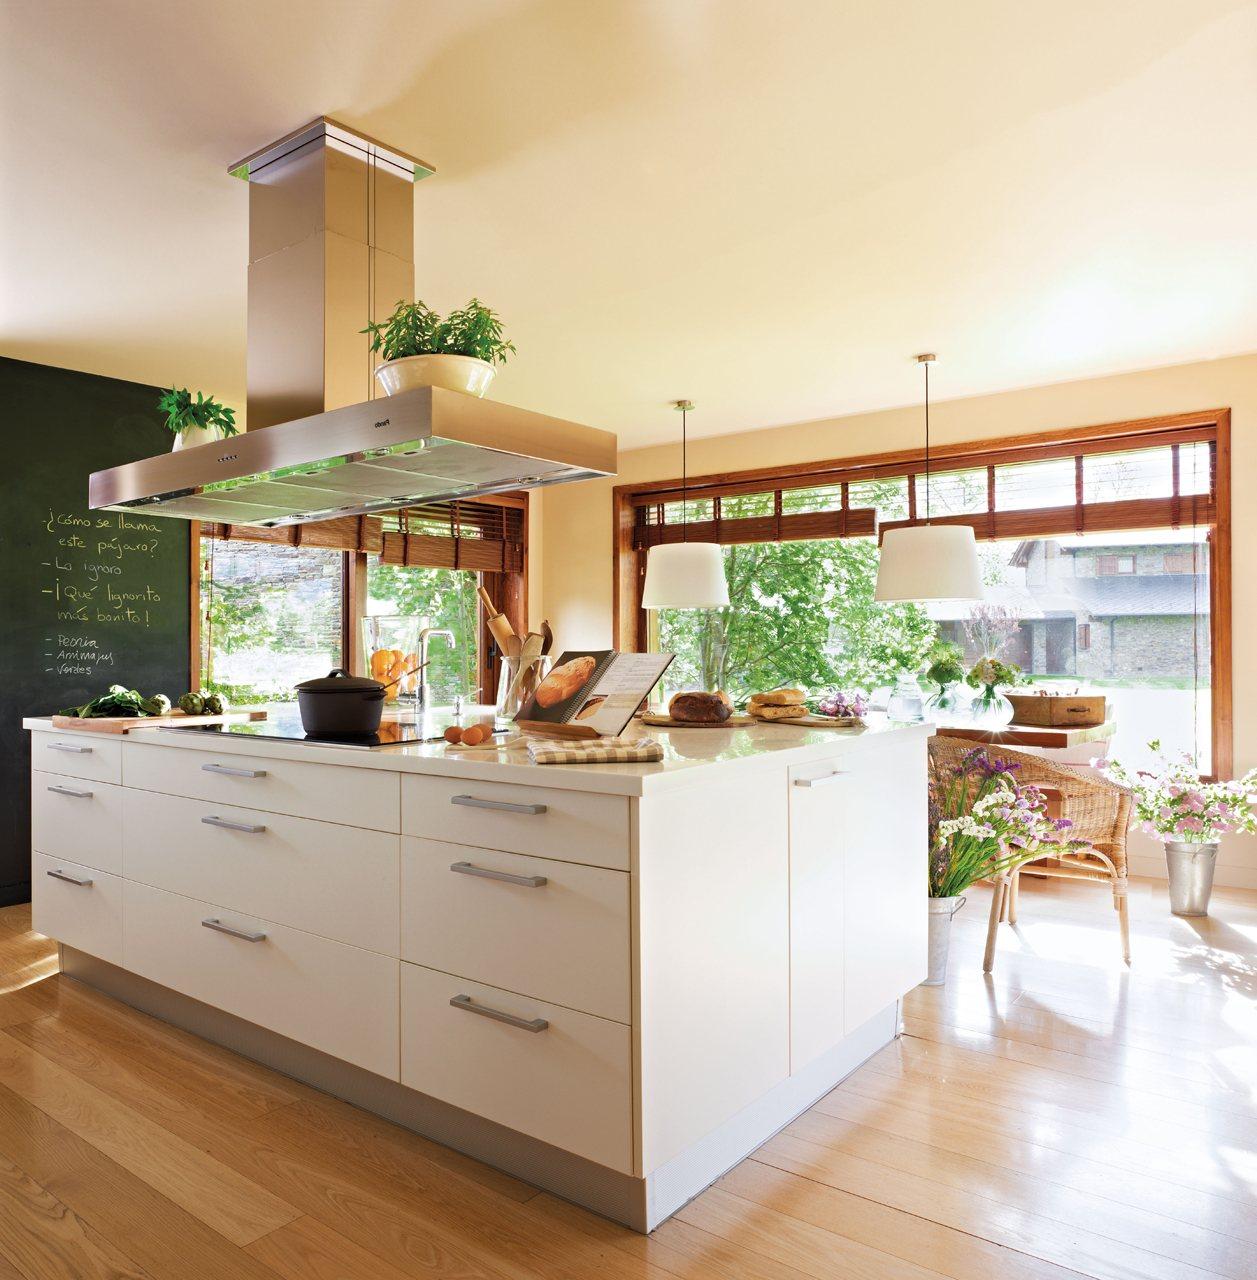 Cocinas decoraci n grandes isla muebles pictures to pin on - Cocina con isla ...